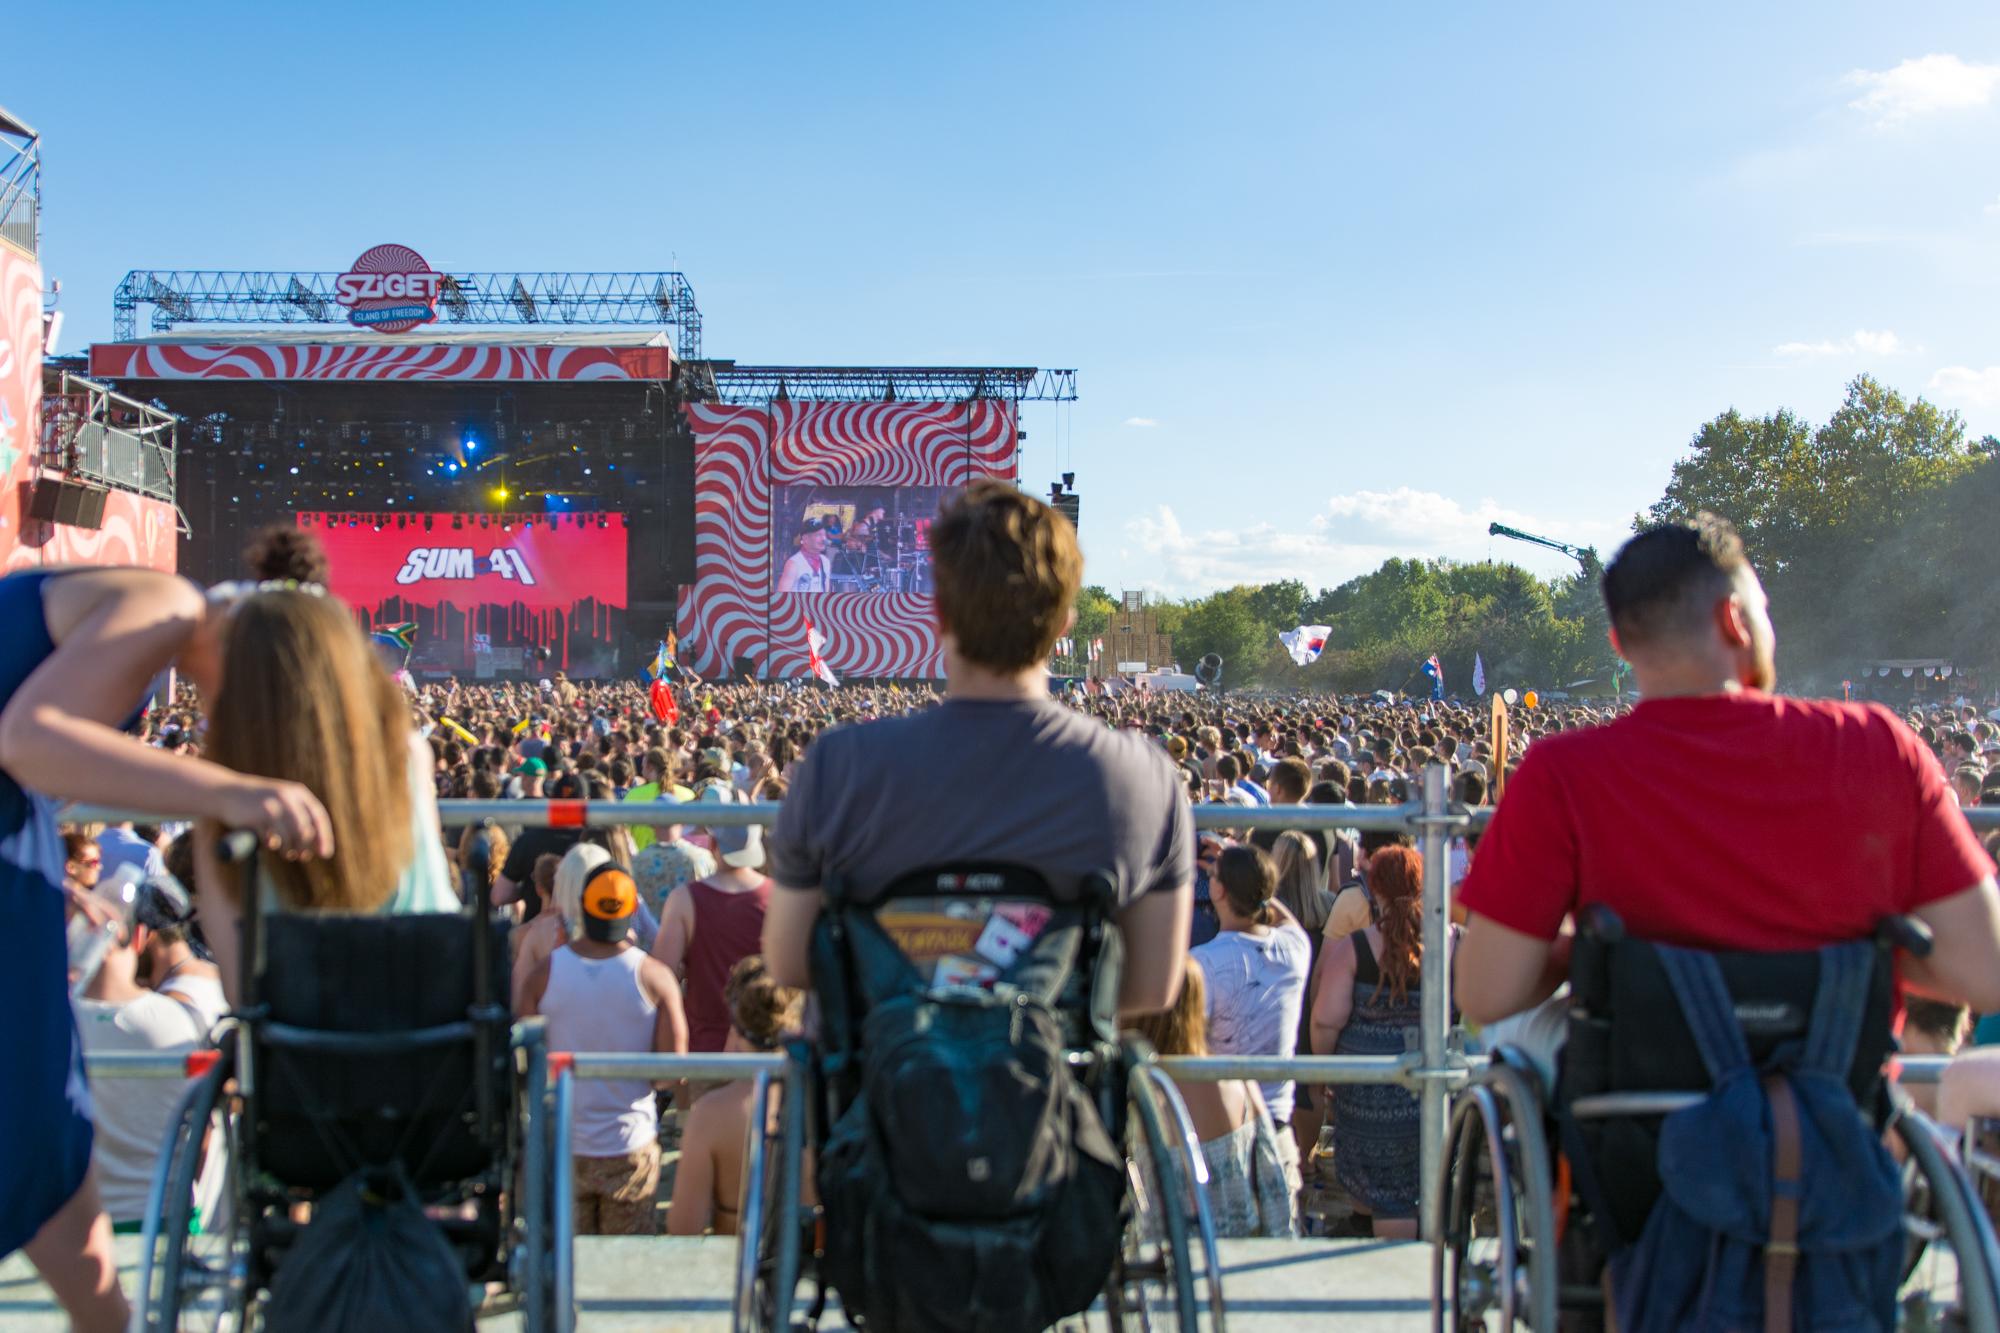 """Rollstuhlfahrer auf einem Podest blicken über die Menschenmenge auf die Bühne, auf der """"Sum 41"""" spielen"""